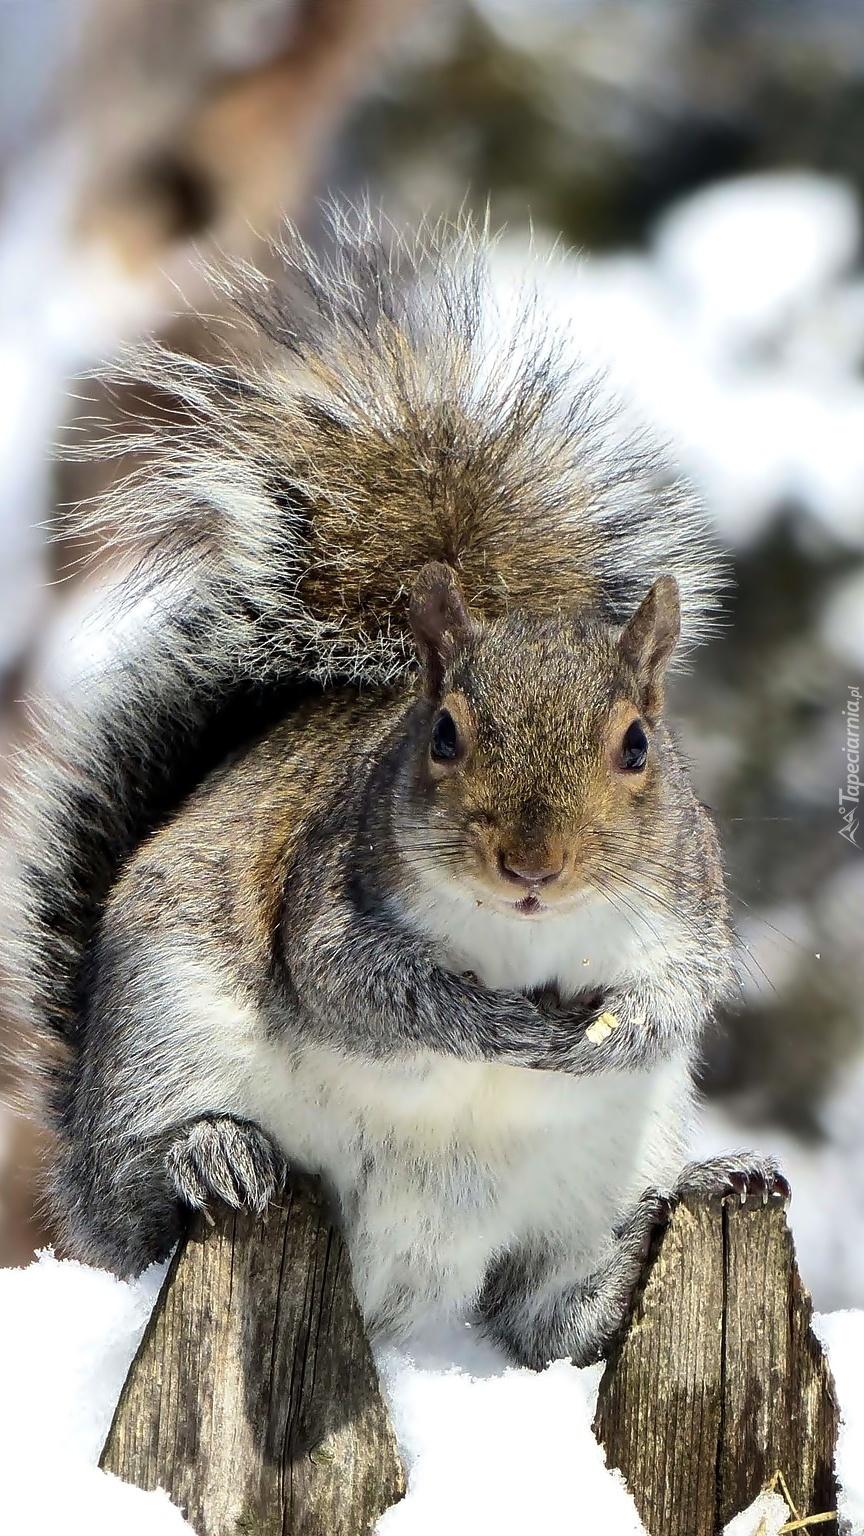 Wiewiórka na zaśnieżonym płocie